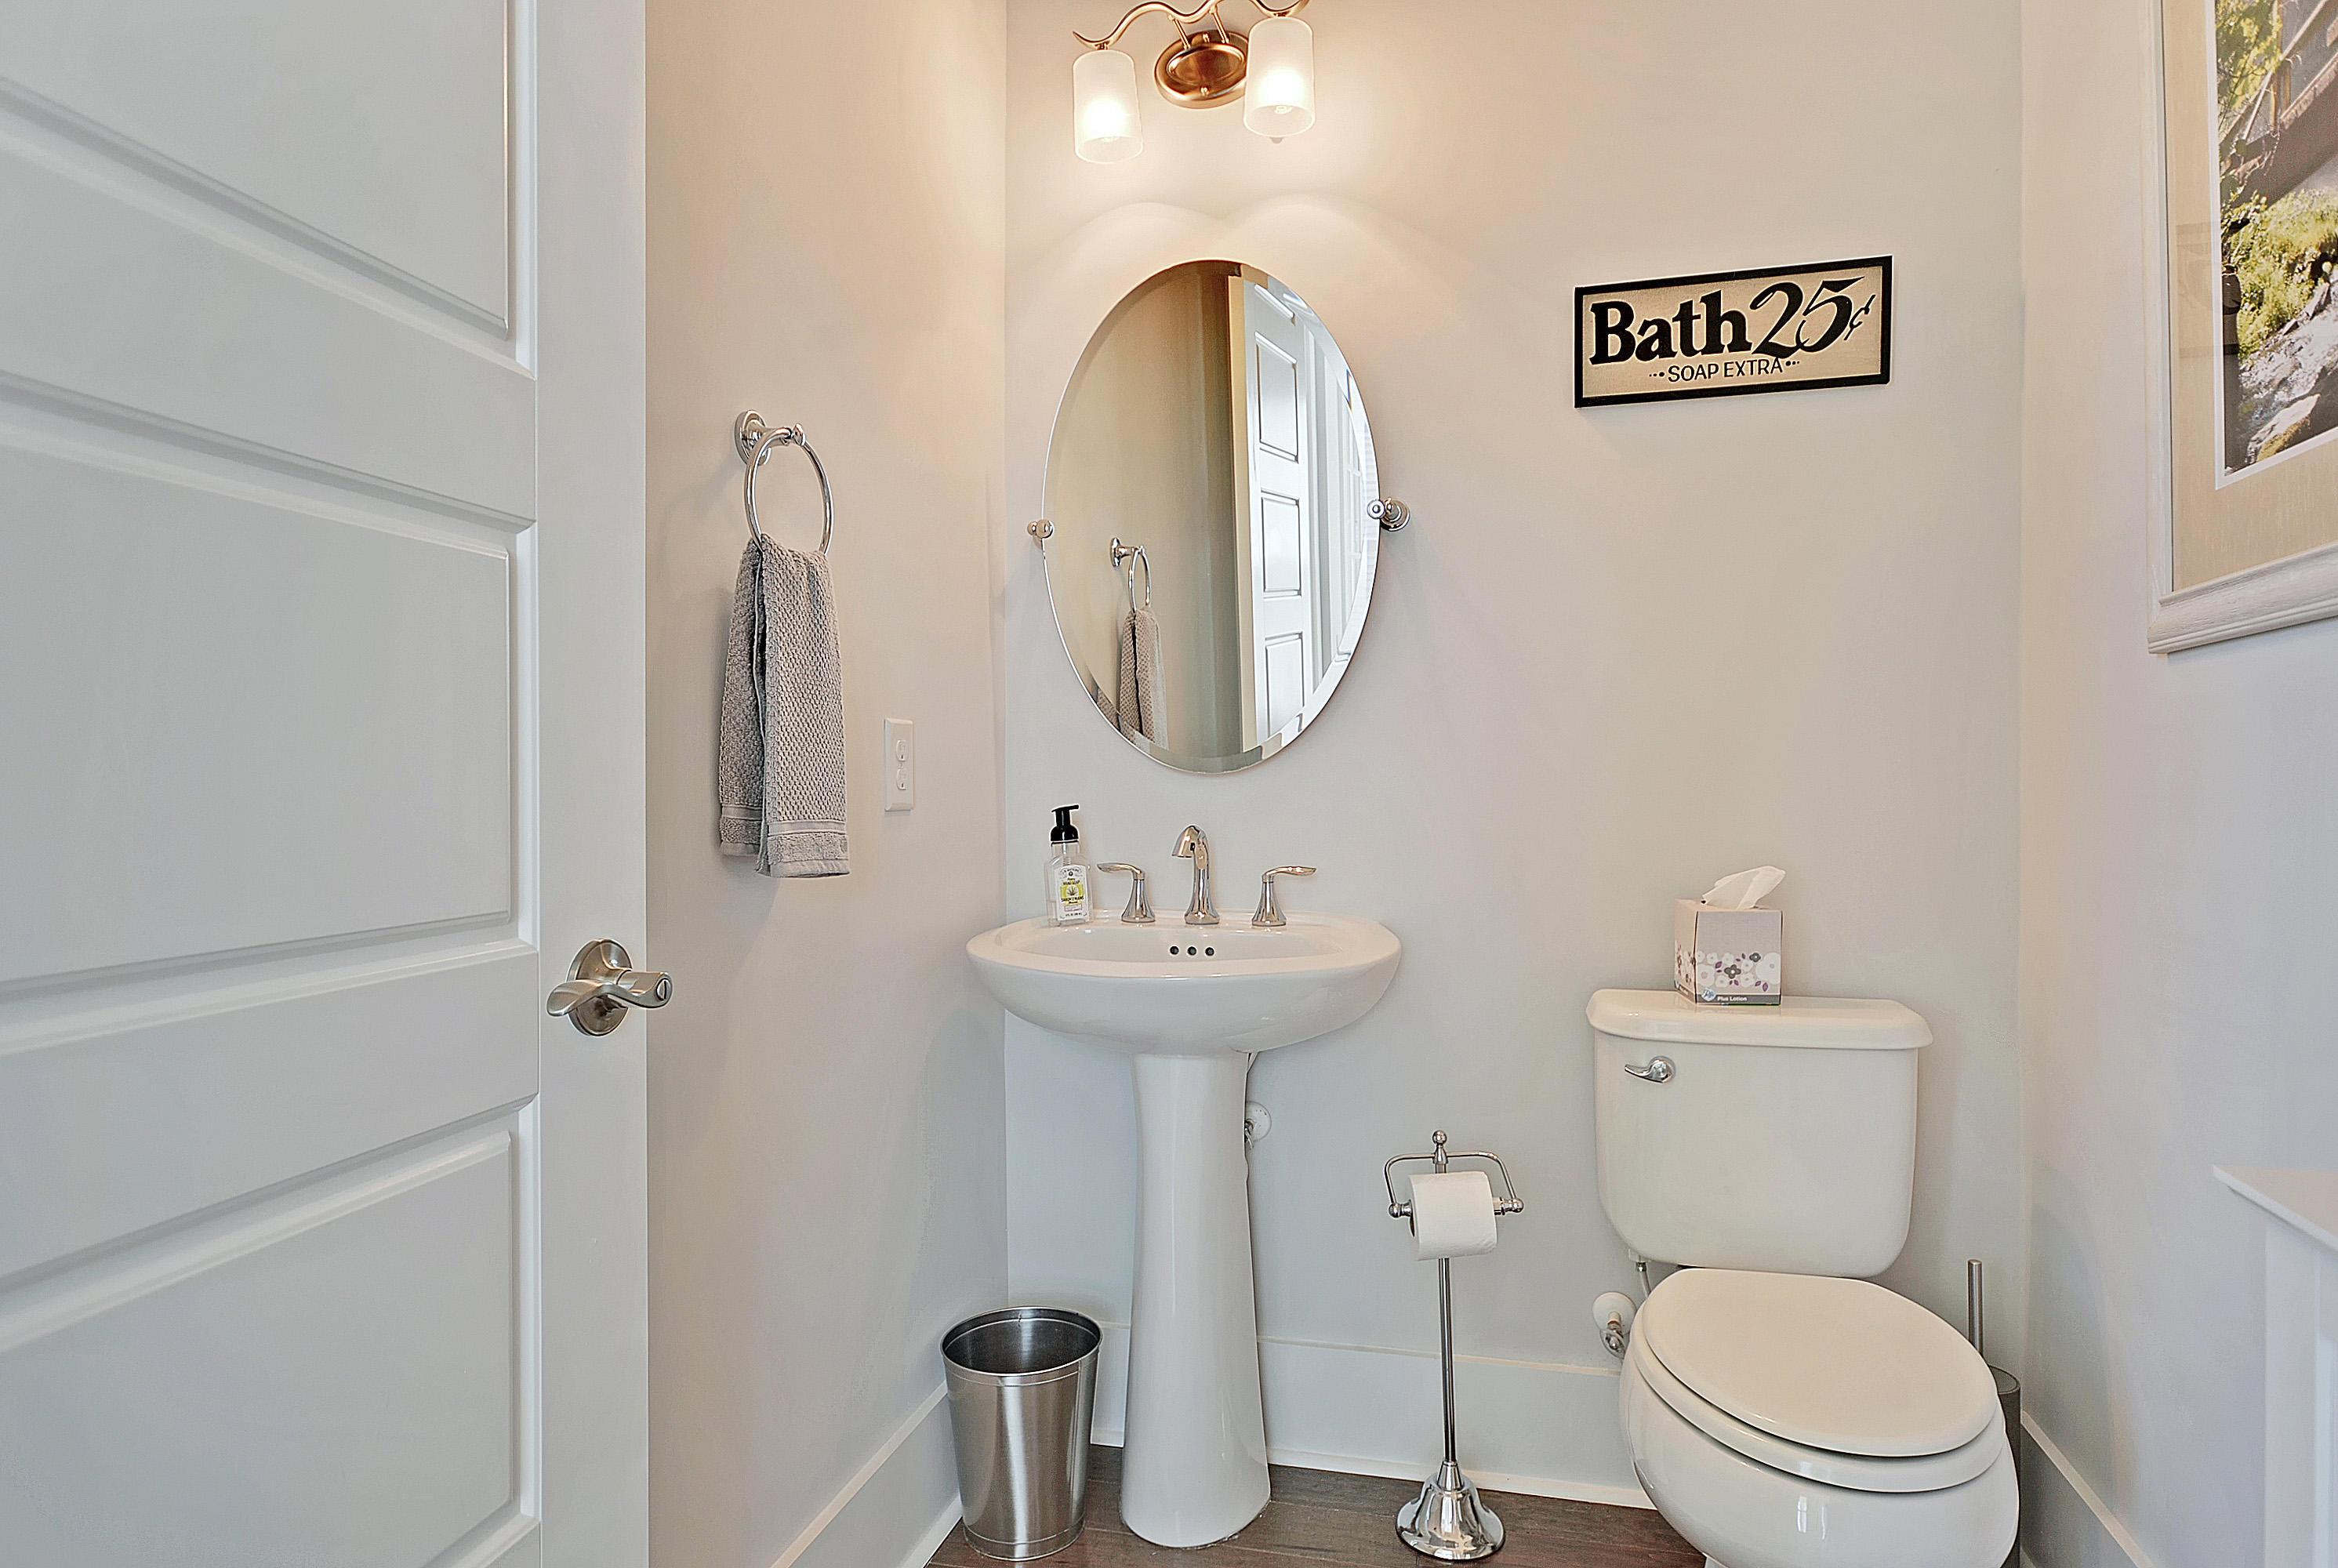 Dunes West Homes For Sale - 2927 Eddy, Mount Pleasant, SC - 27